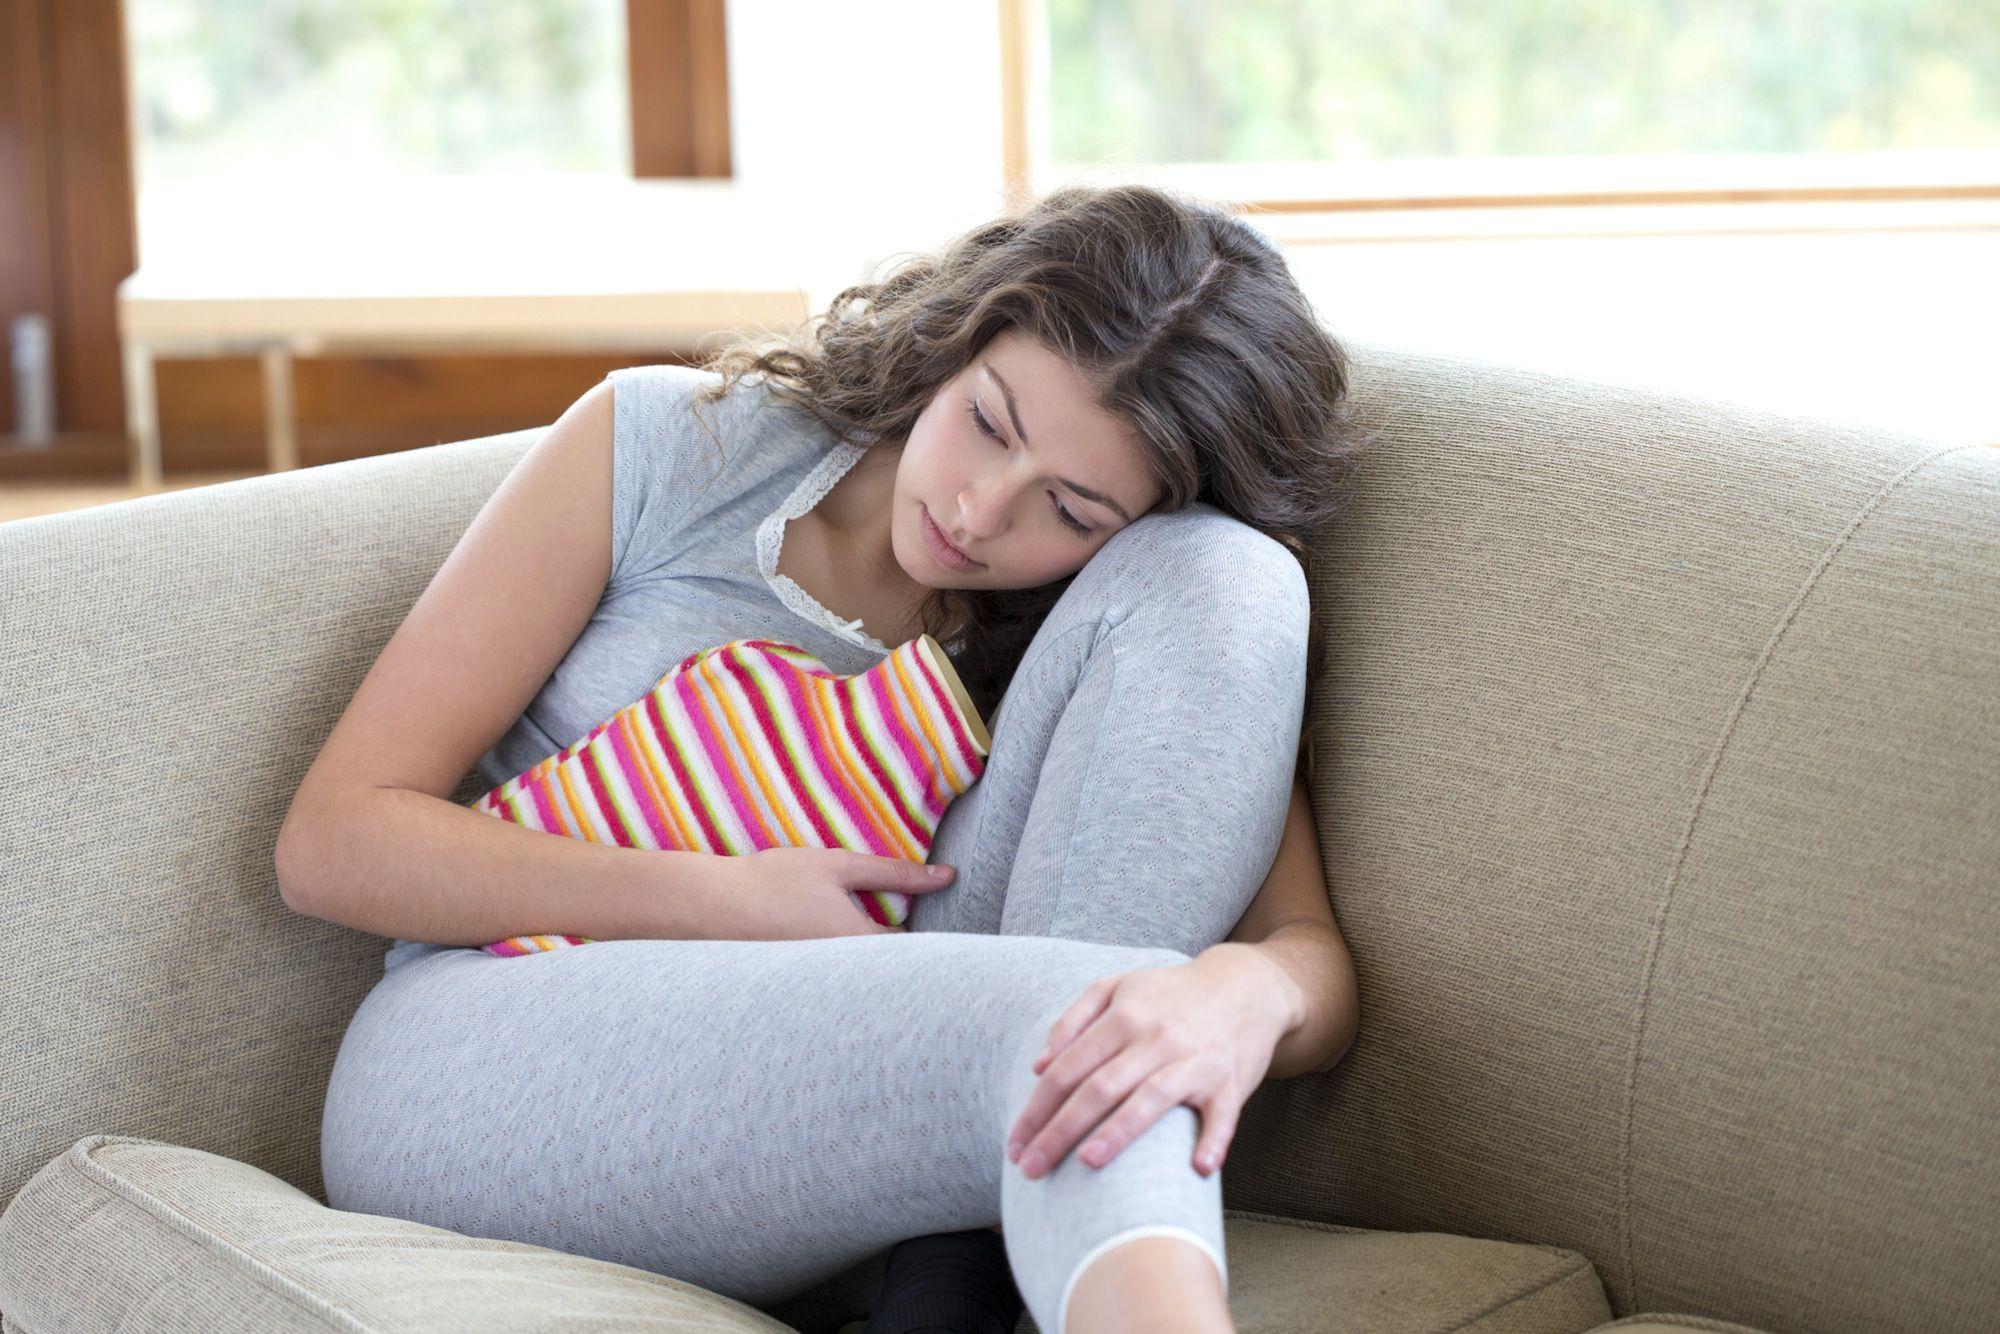 Trong kỳ kinh nguyệt, chuyên gia cảnh báo có 4 loại nước không nên uống vì có thể làm tổn thương tử cung và mệt mỏi-1